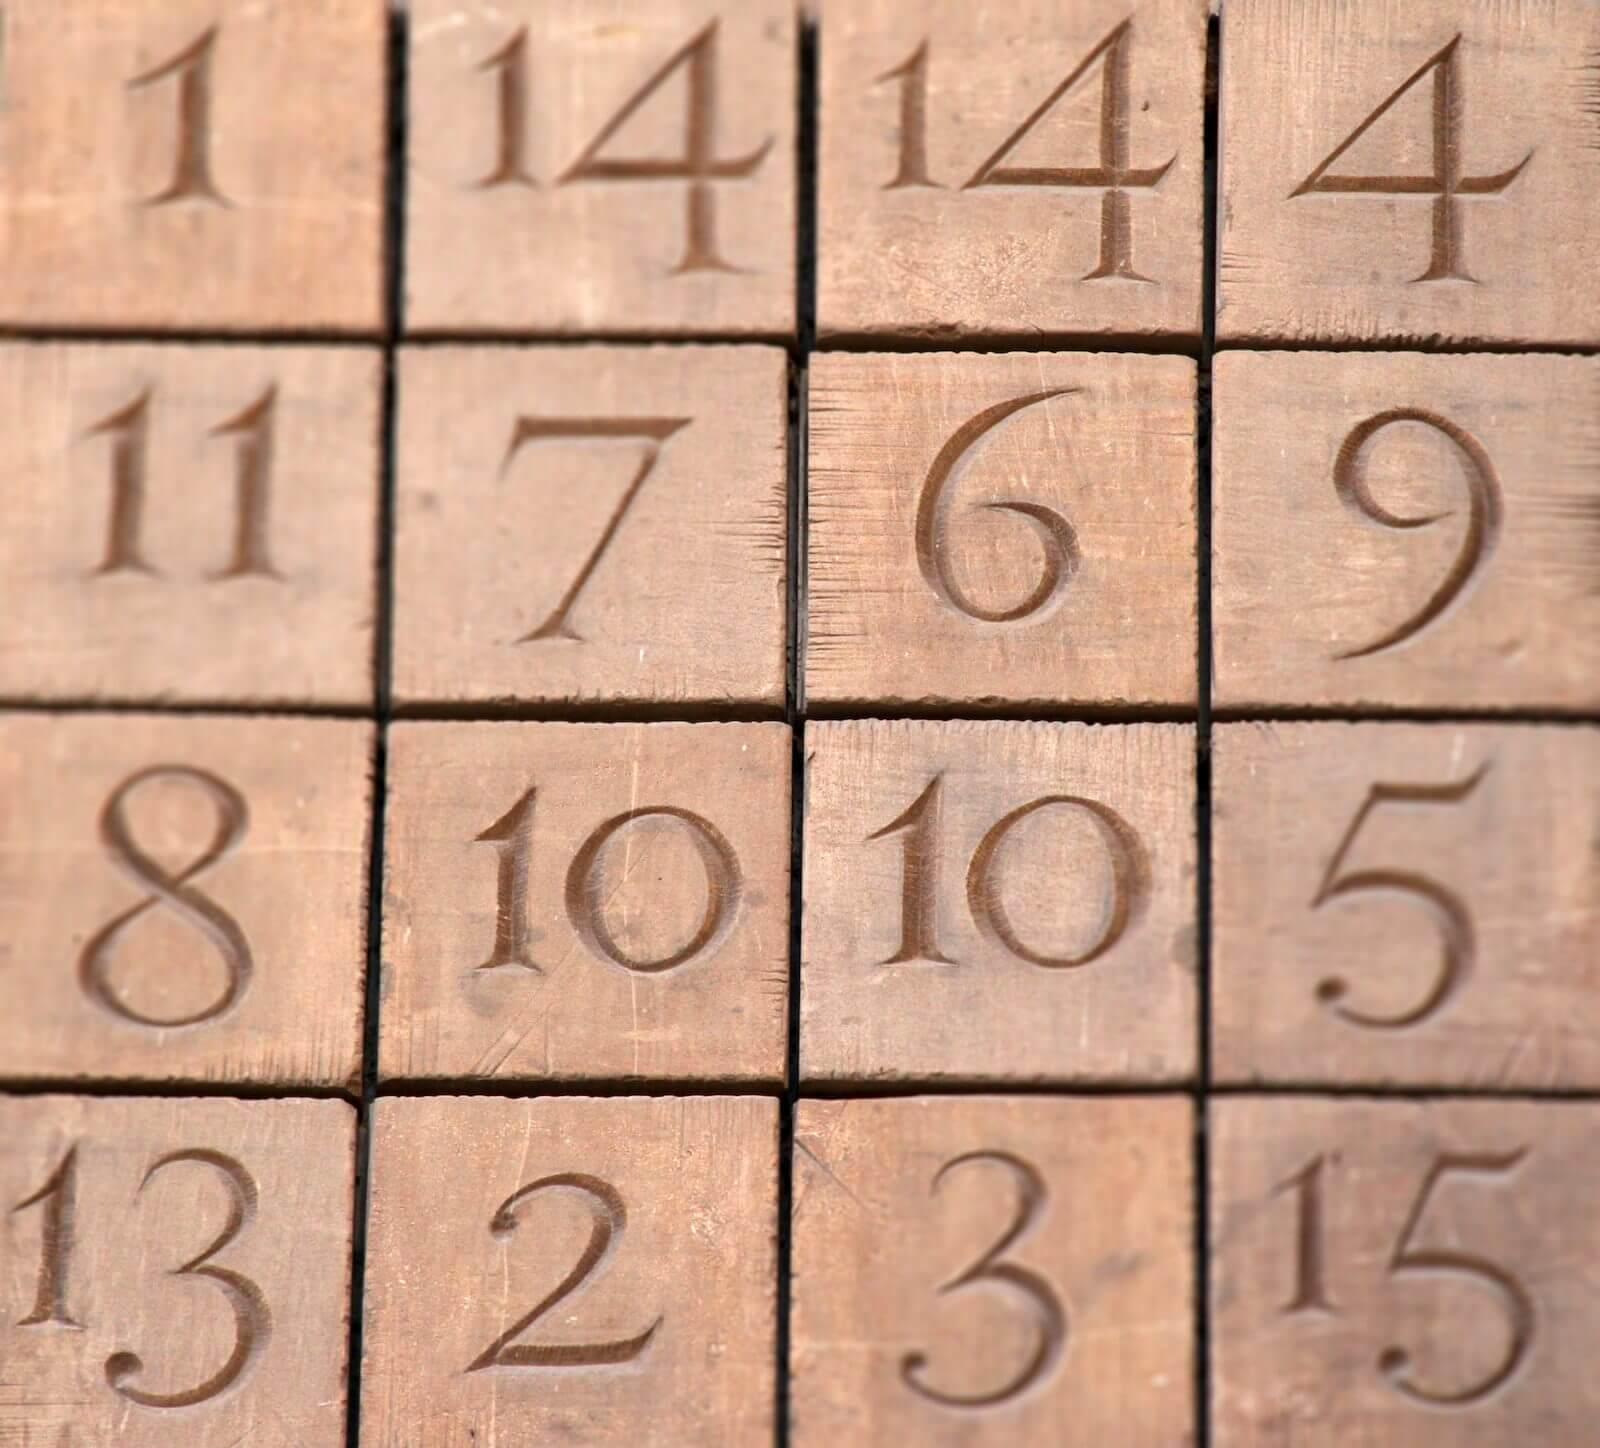 el número 13 en numerología